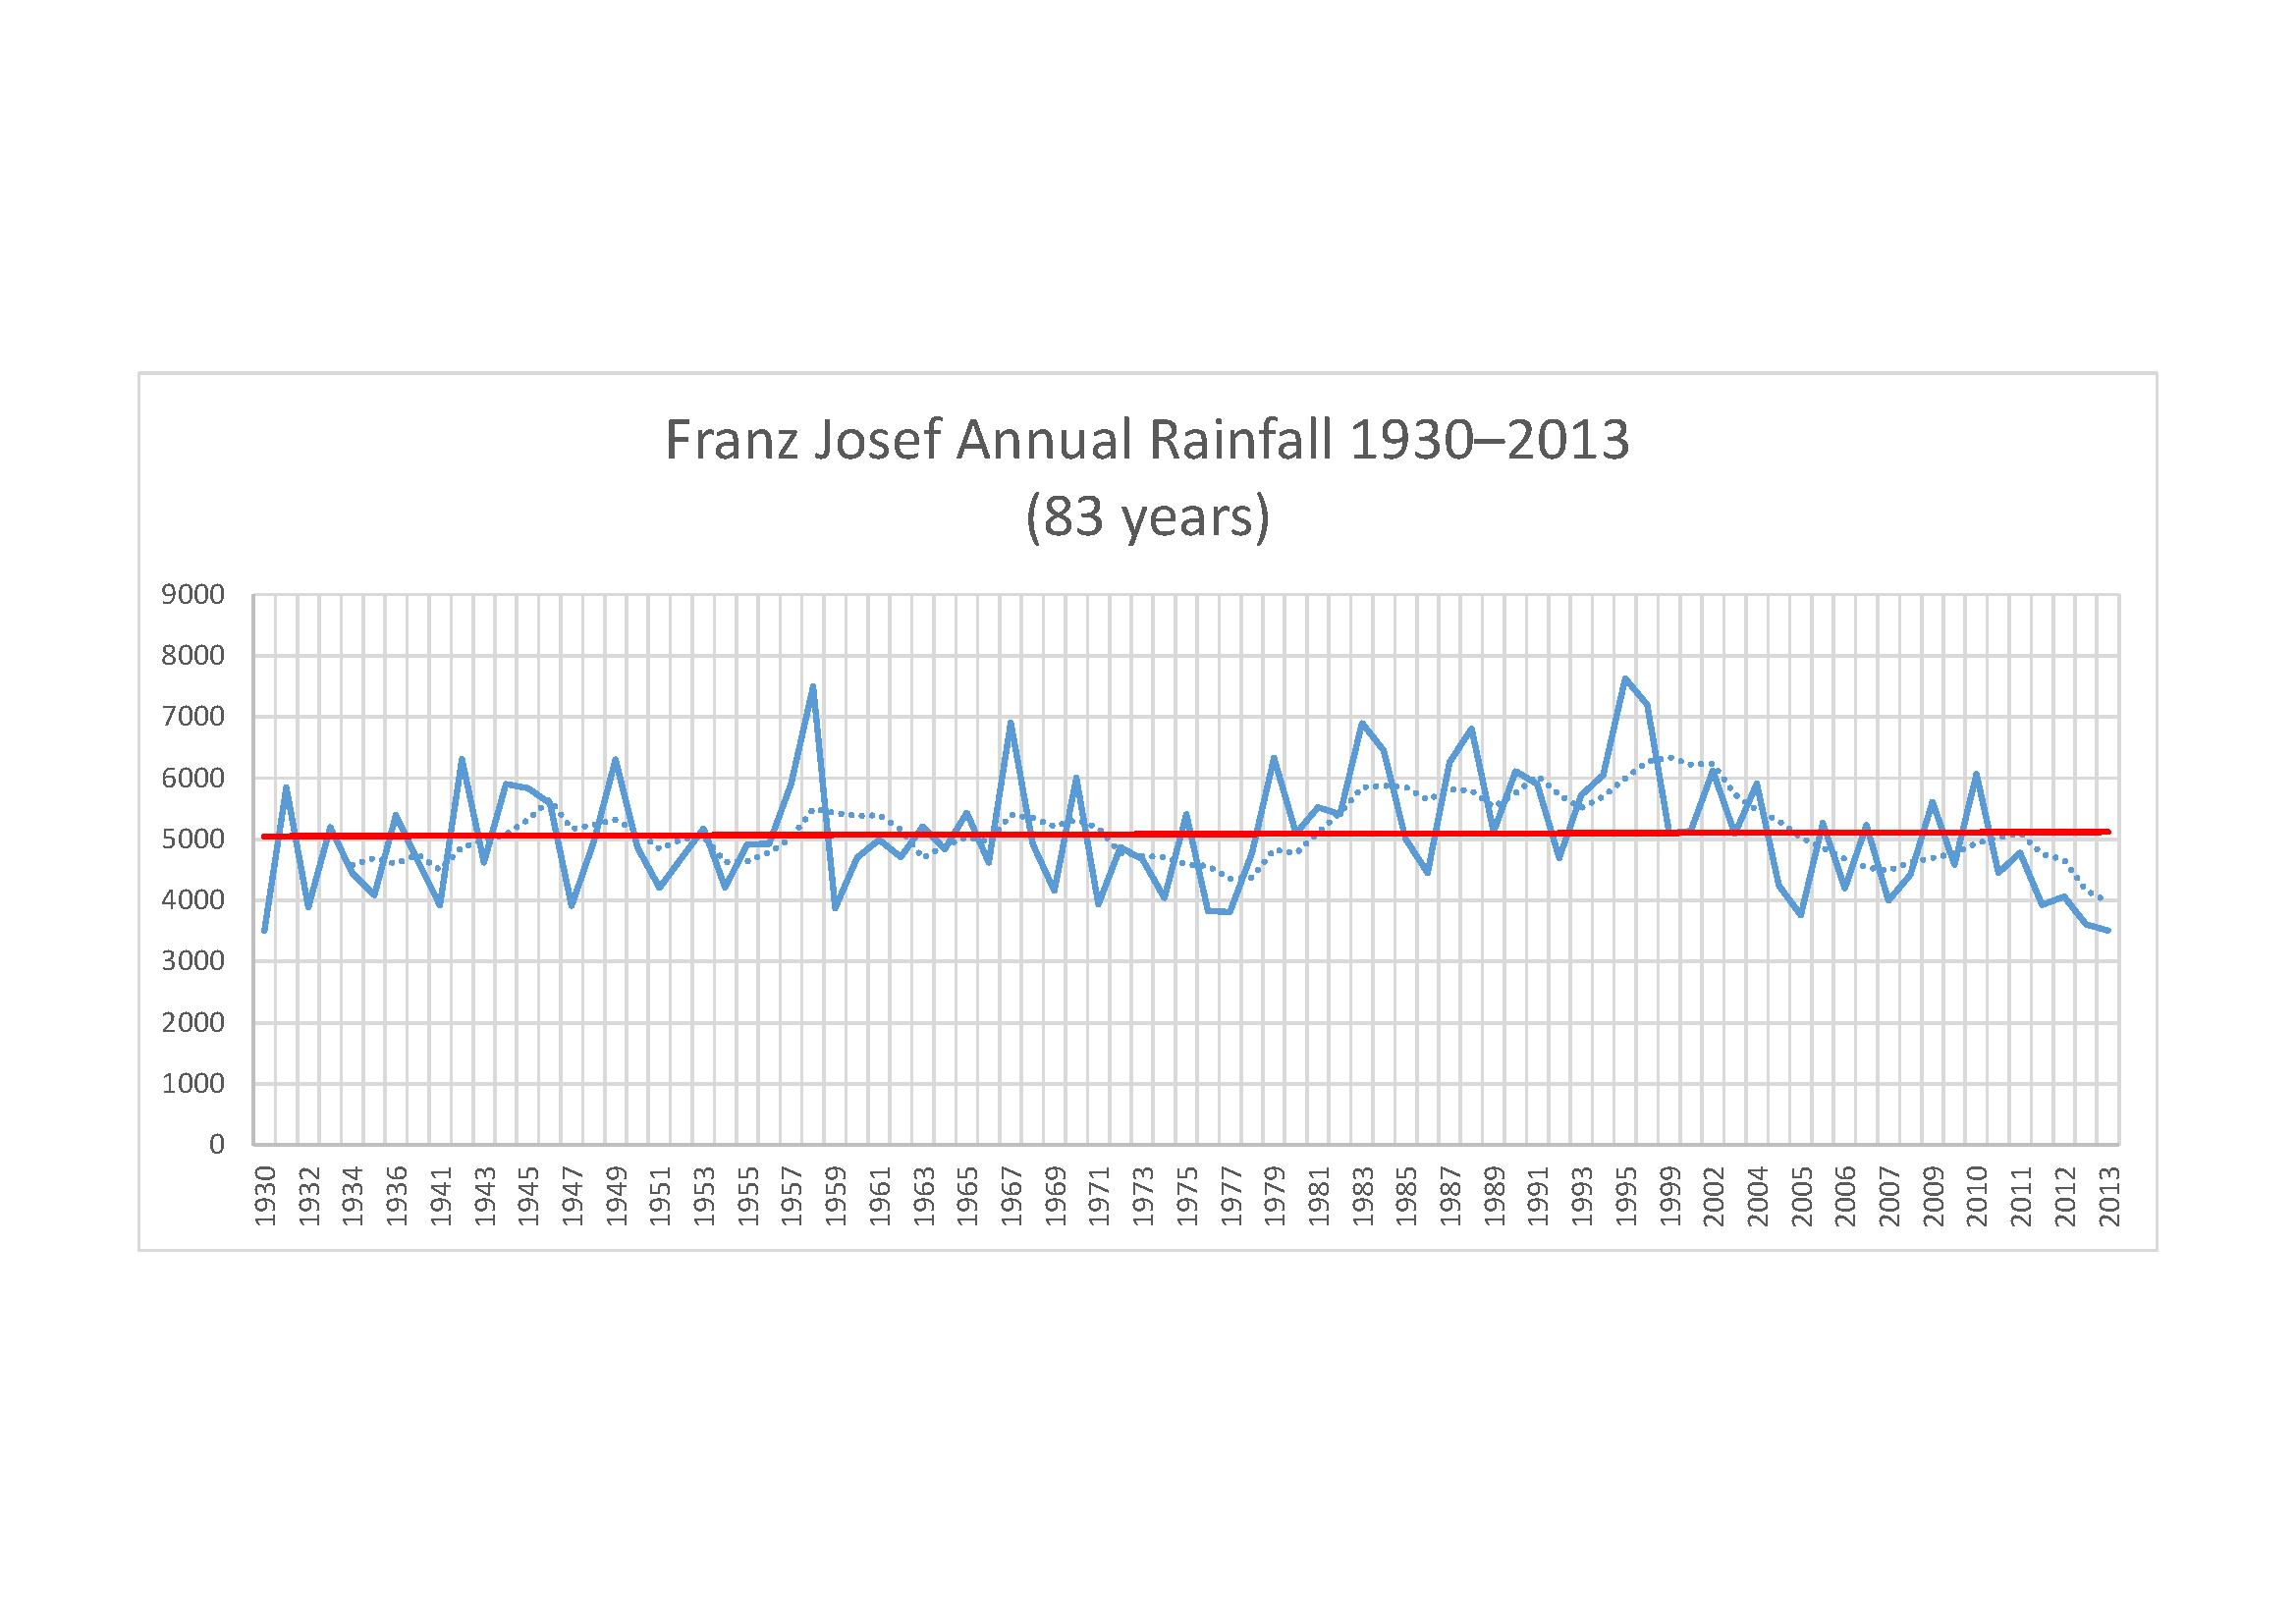 Franz Josef rainfall